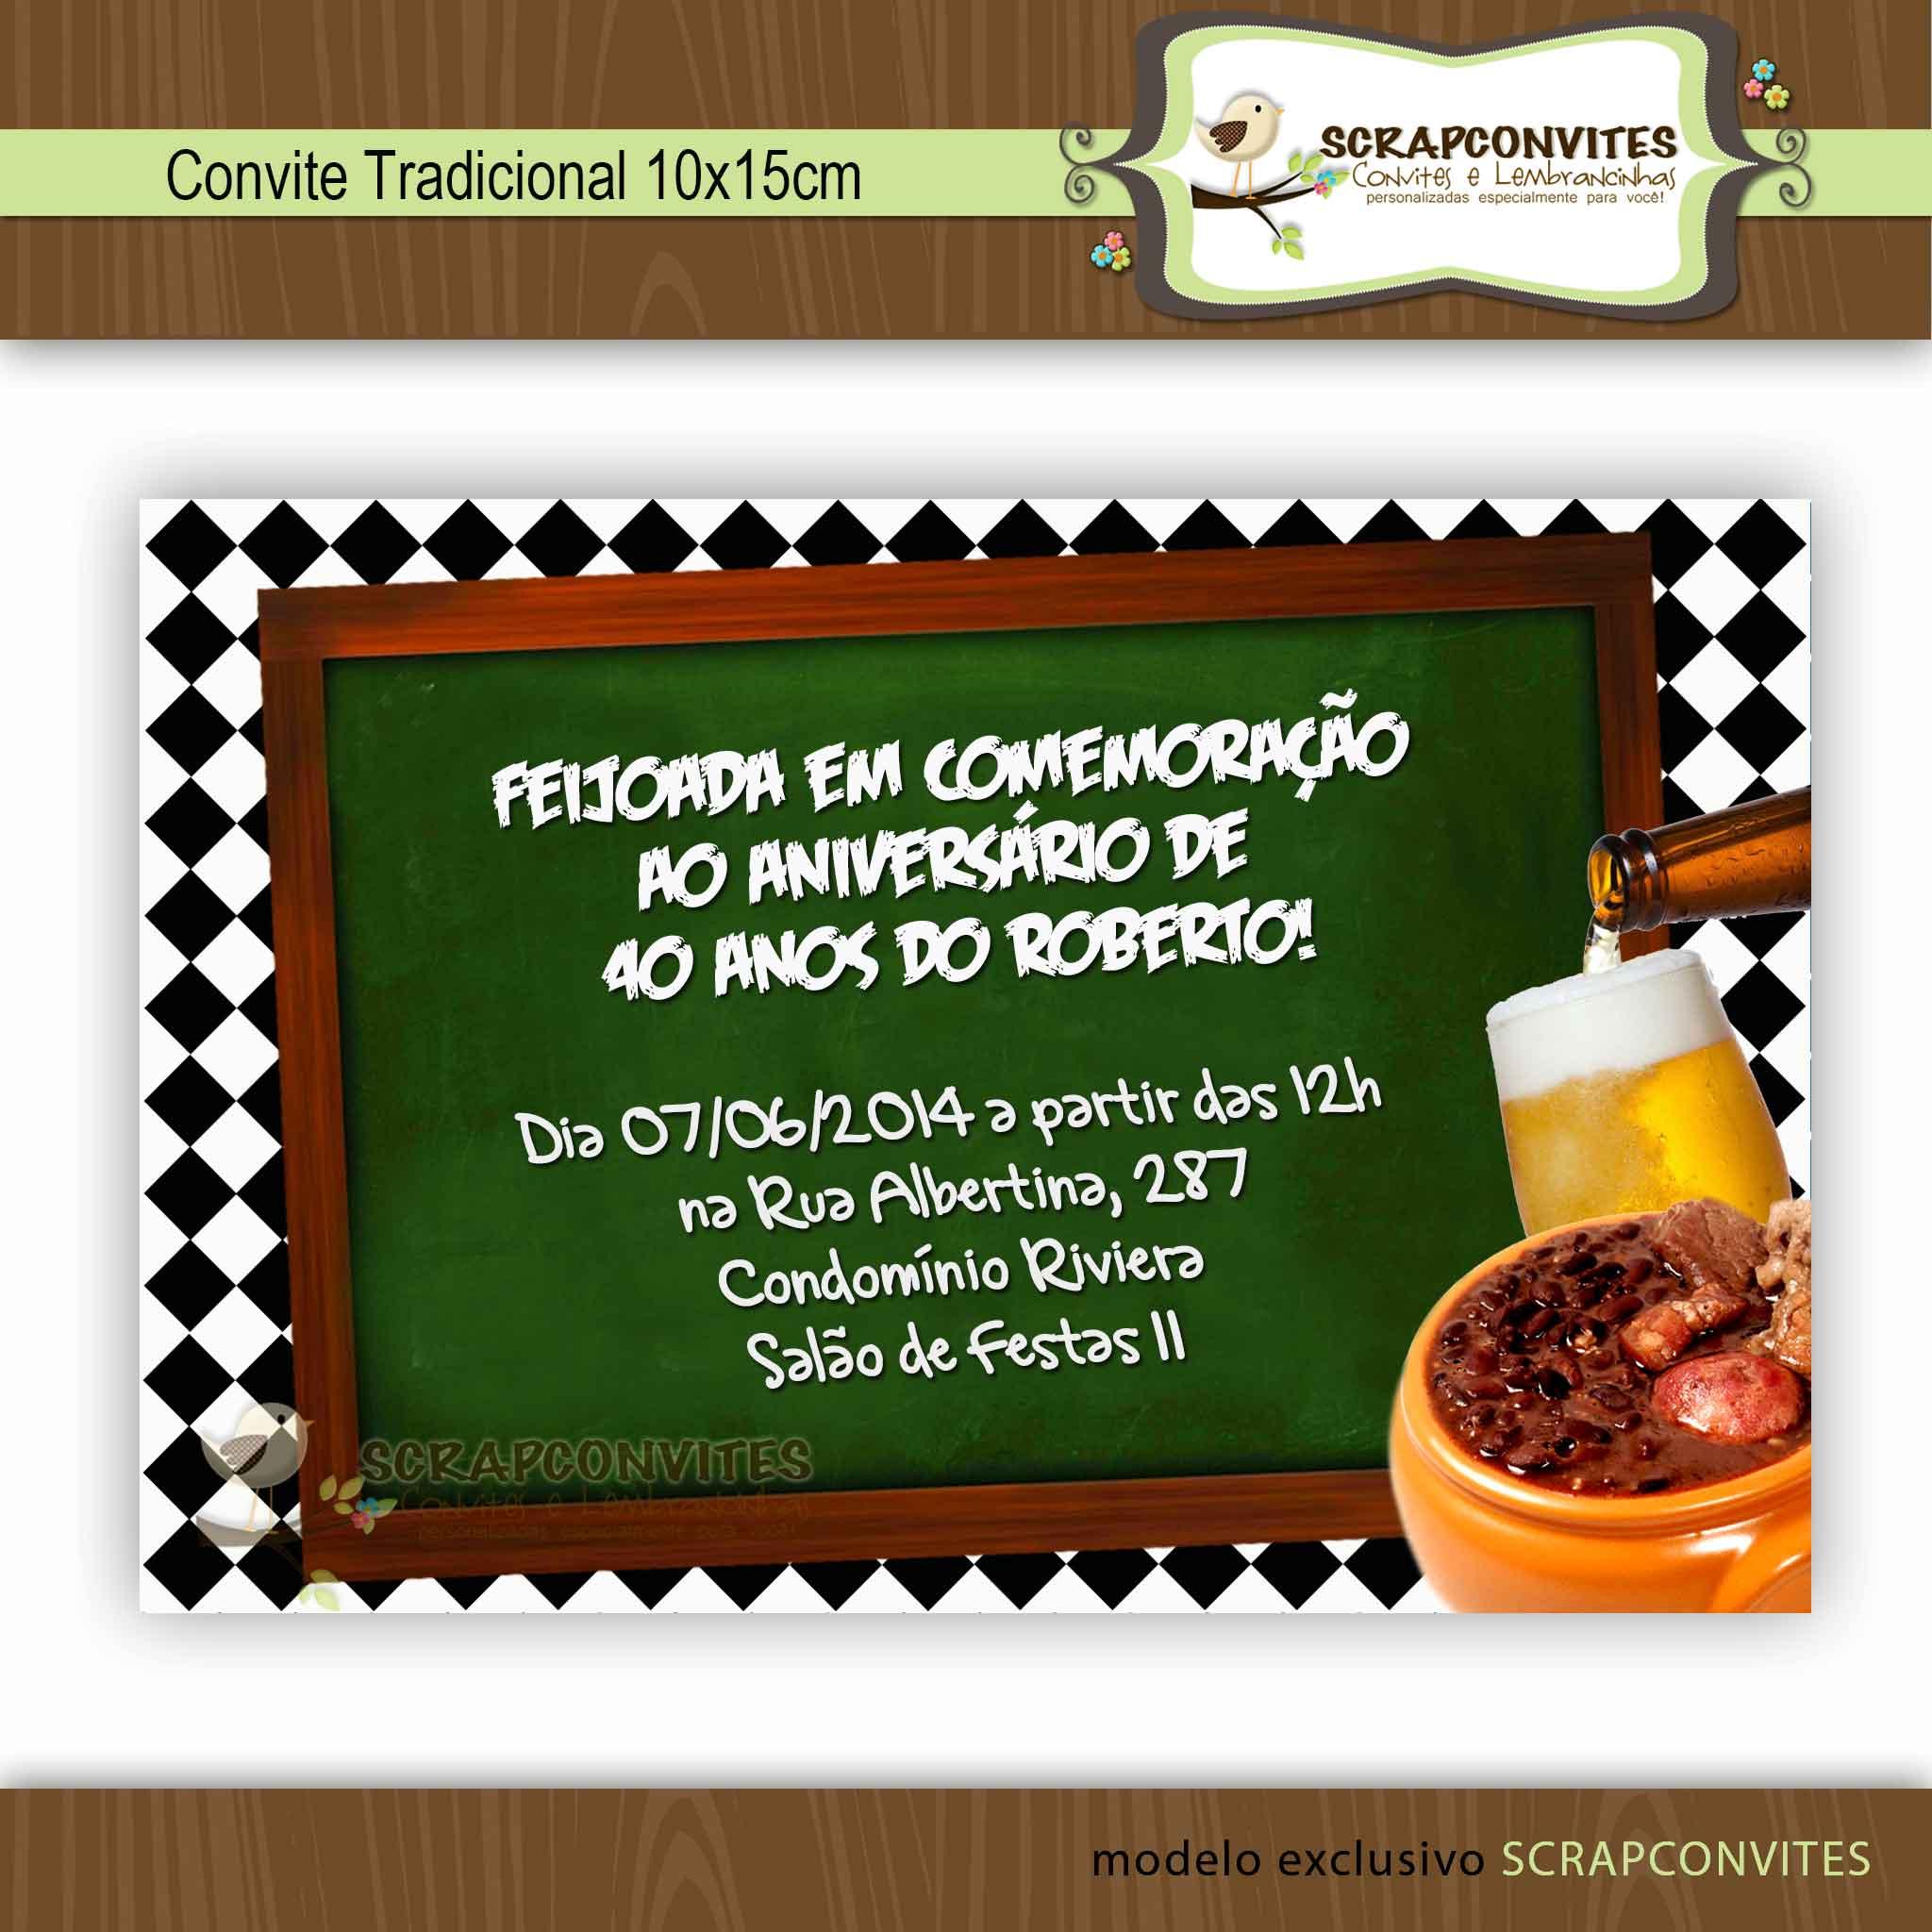 Convite Para Feijoada Convite Almoco Elo7